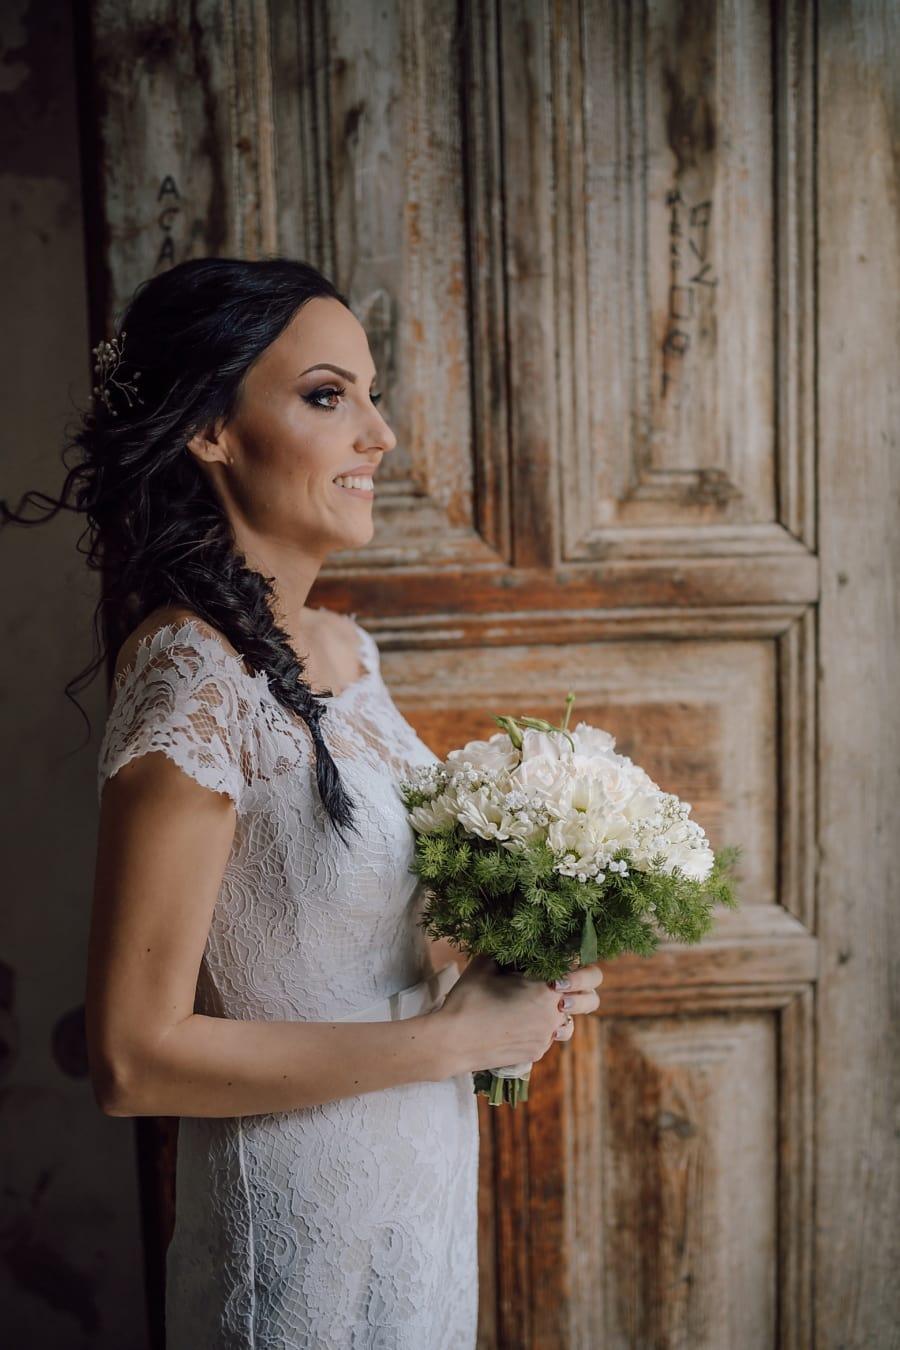 ozdobný, svatební kytice, svatební šaty, nevěsta, osoba, princezna, Žena, móda, svatba, závoj